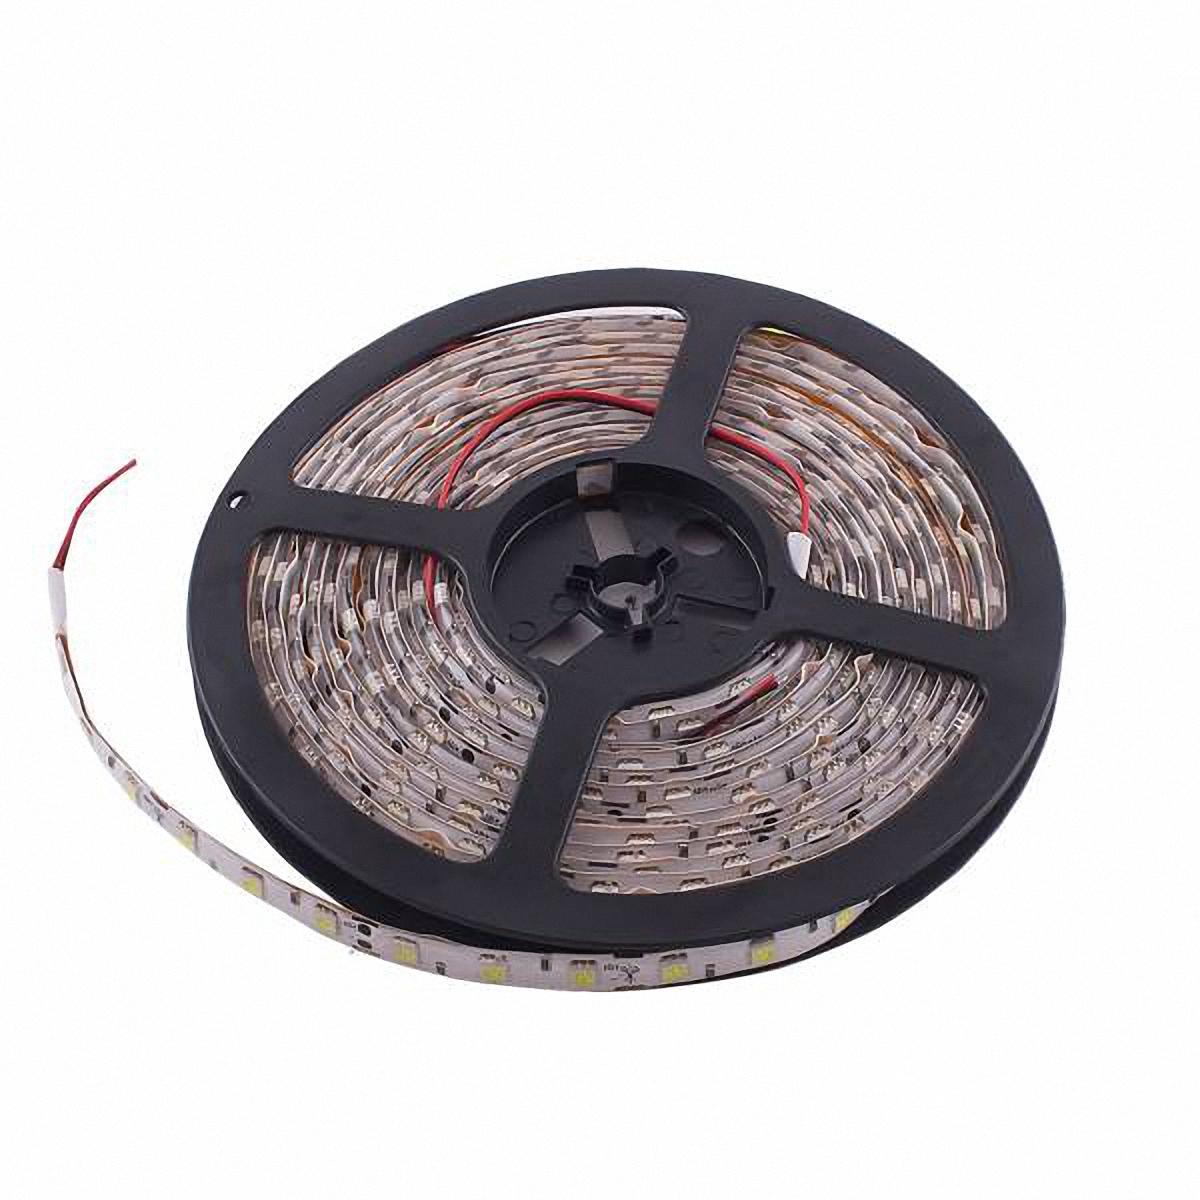 Skyway Лента светодиодная 300 SMD диодов. S03201026S03201026Входное напряжение: 12V.Длина: 500 см.Цвет основы: белый.Цвет катушки: синий.